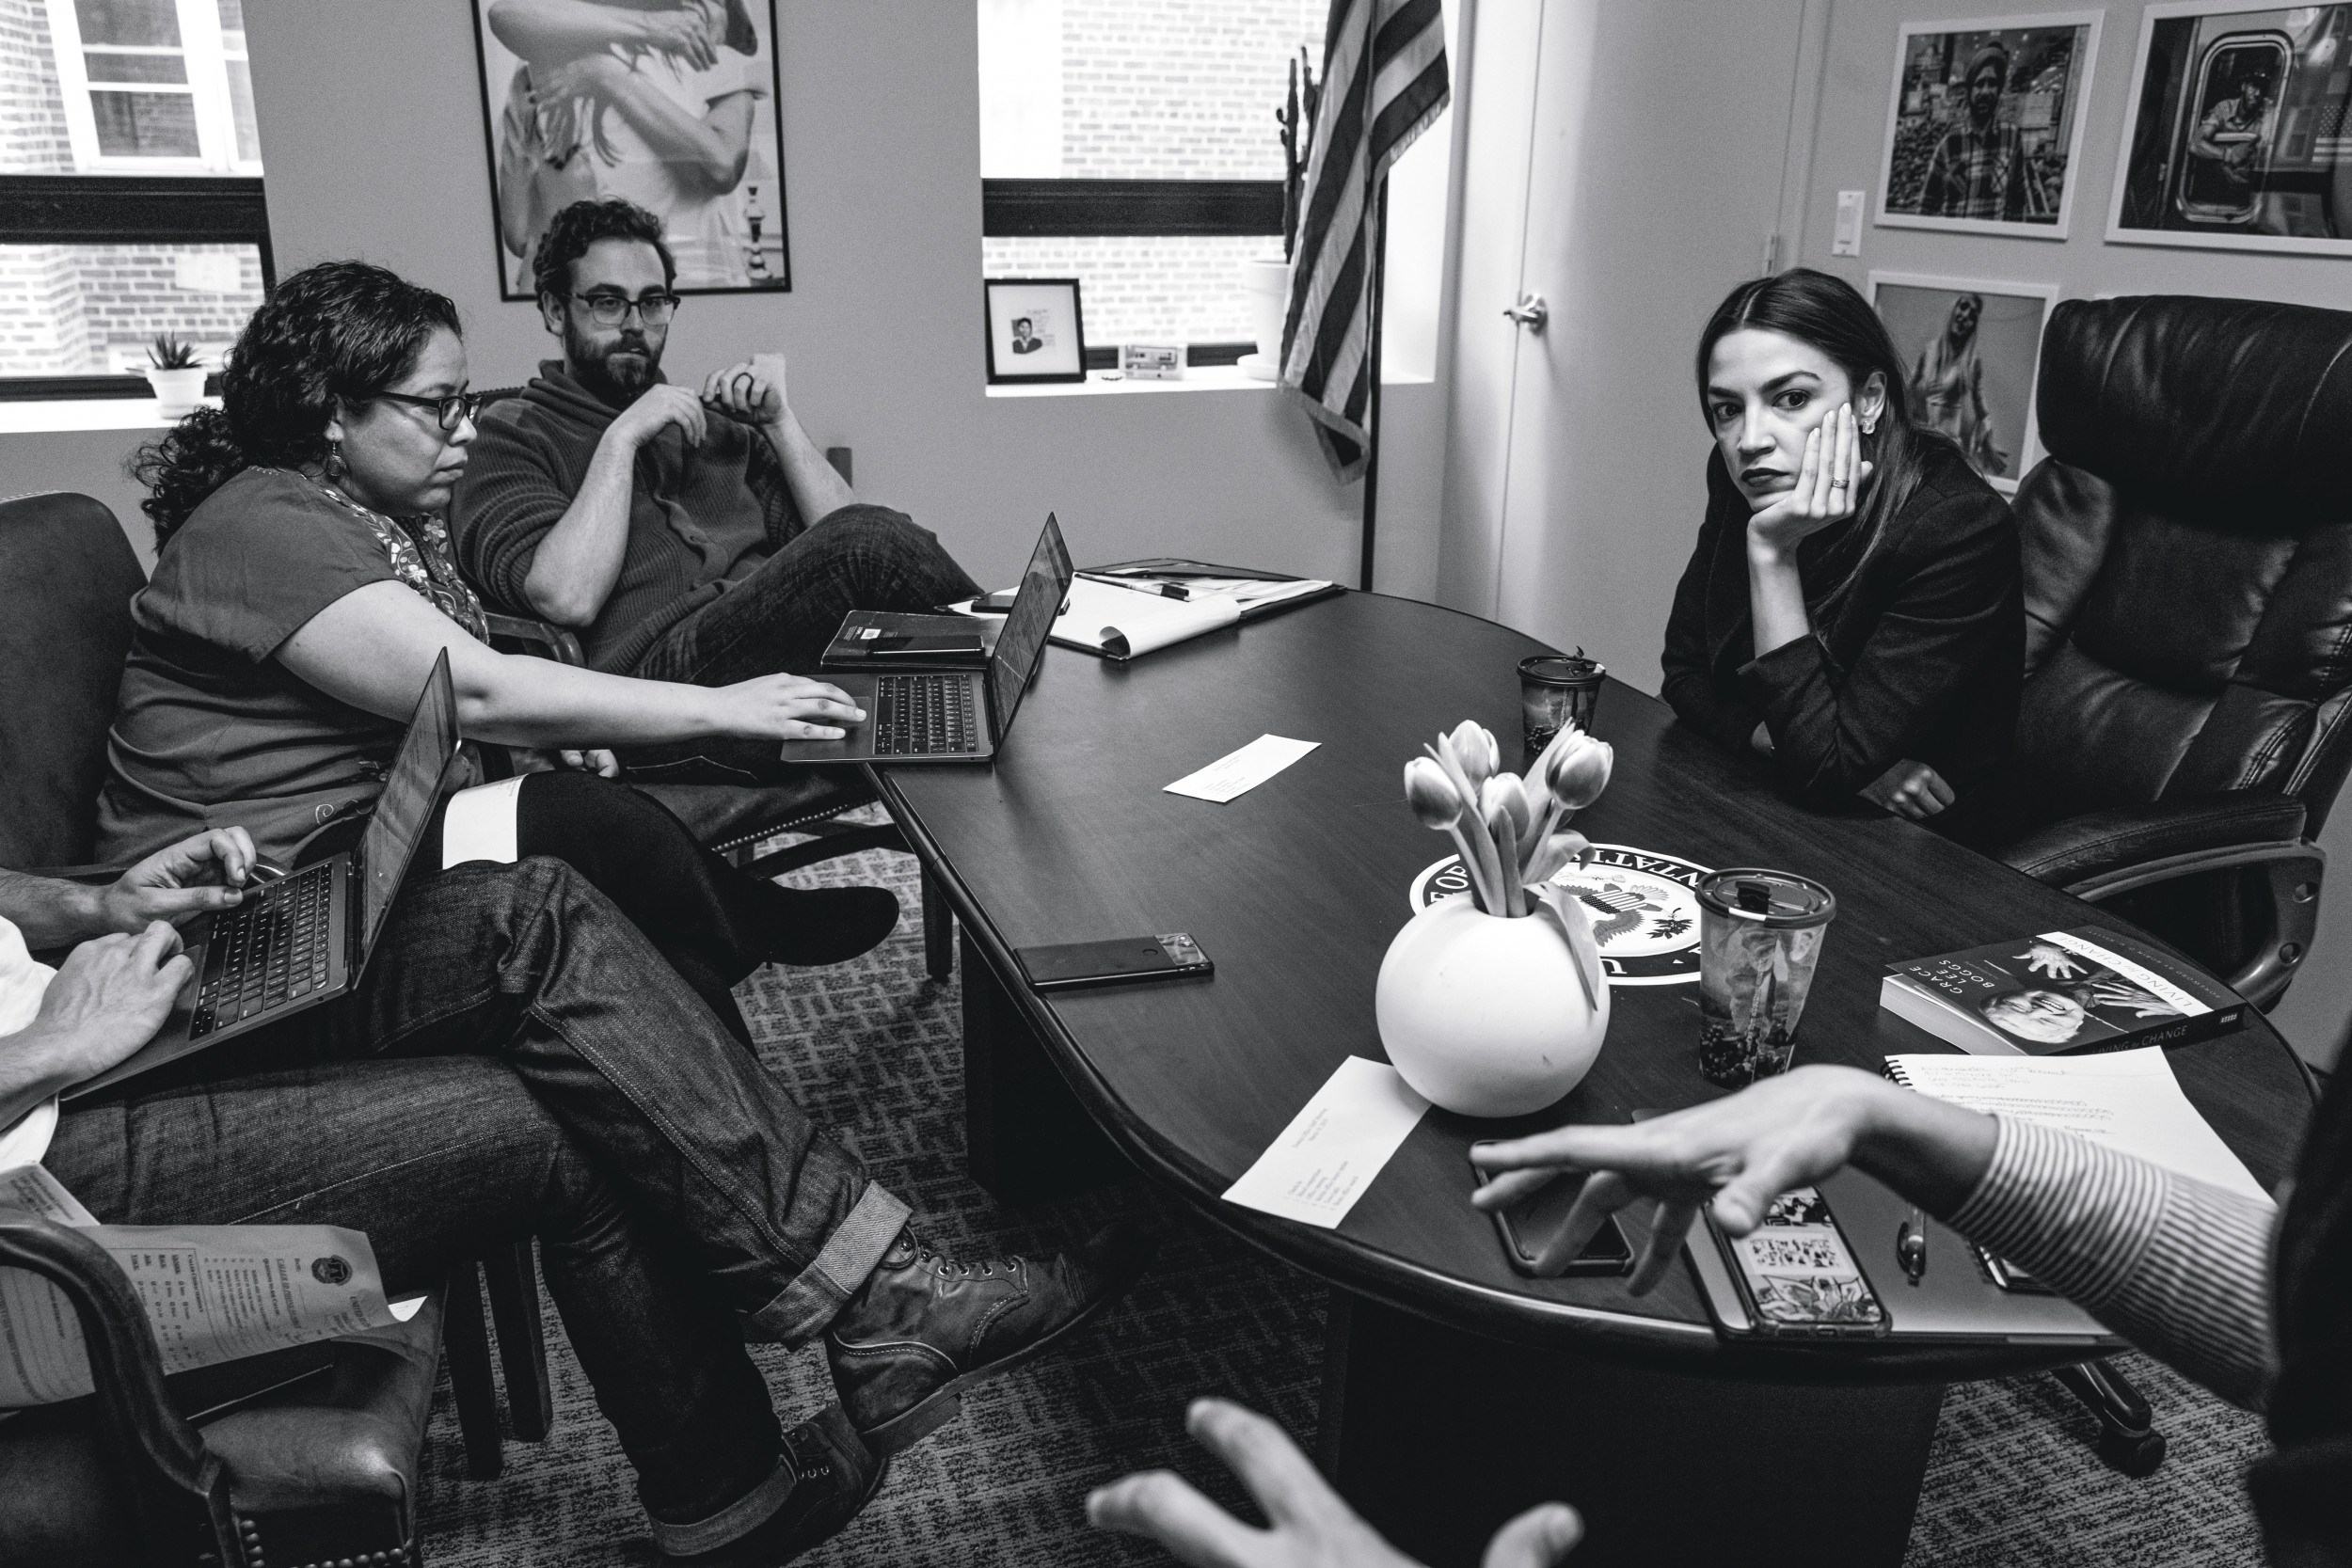 HOFFNUNGSTRÄGERIN Supersmart, charismatisch und eine der fleißigsten Abgeordneten in Washington: Viele junge Demokraten hoffen, dass die 32-jährige Alexandria Ocasio-Cortez 2024 Präsidentin wird